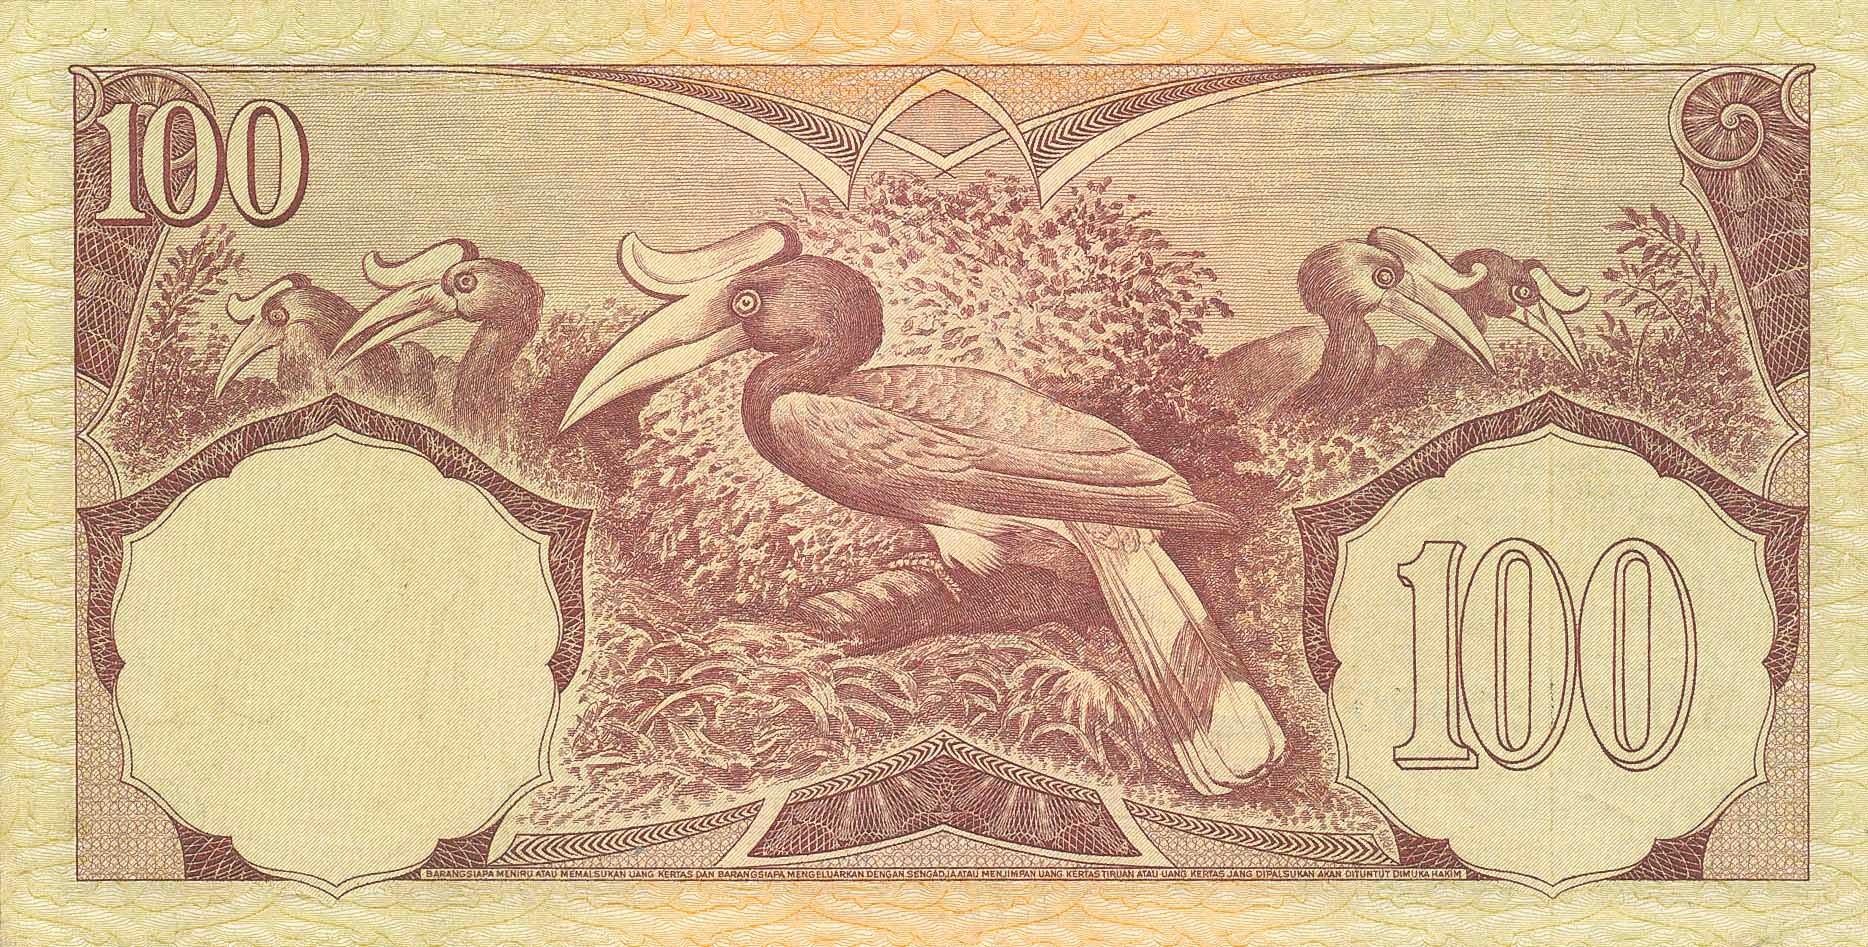 IDN-0069-100-Rupiah-19590101-HLG-b